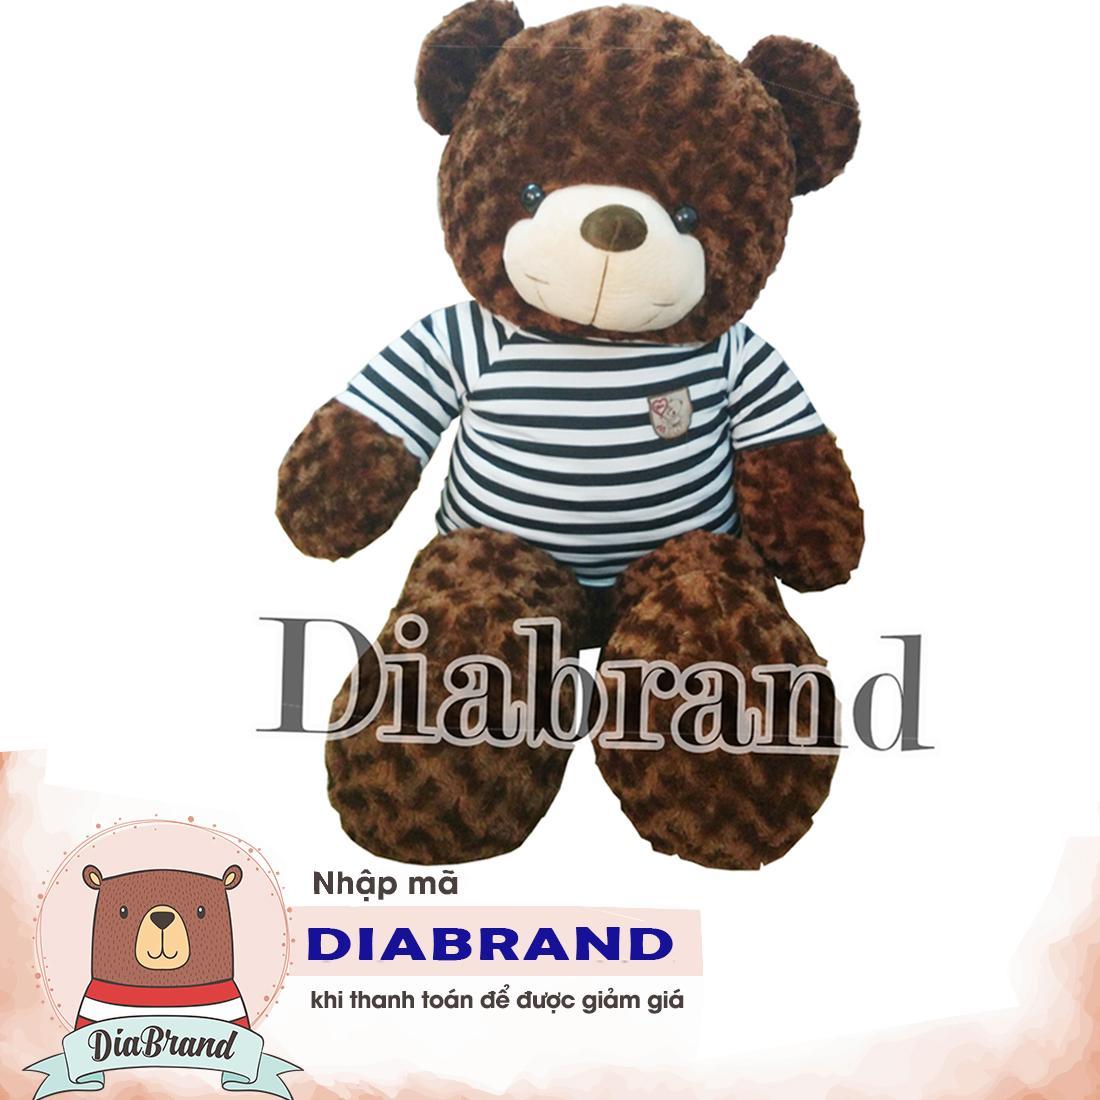 Hình ảnh GẤU BÔNG TEDDY CAO CẤP KHỔ VẢI 1M DÀI 80CM NÂU -TEDDY08 (nhà bán hàng Diabrand)